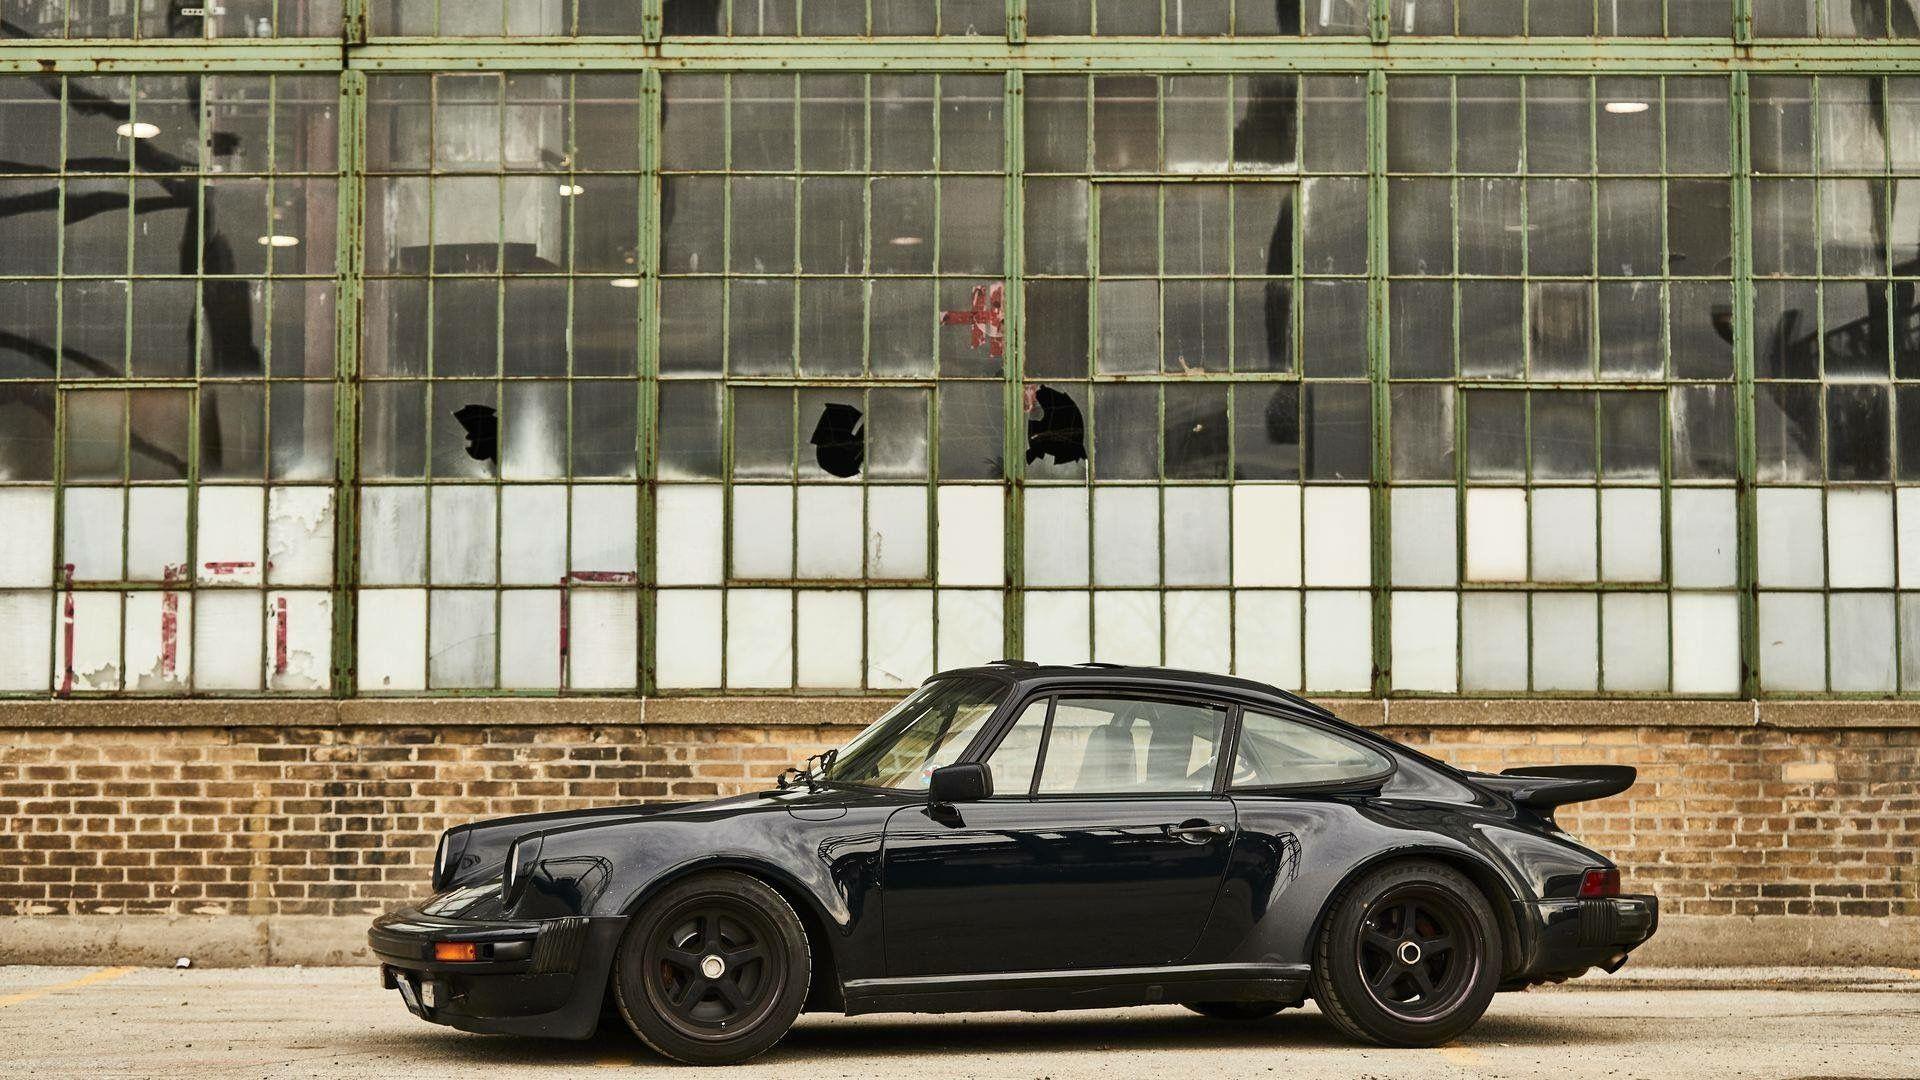 Pin By Blackars On Porsche Porsche 930 Porsche Cars Trucks